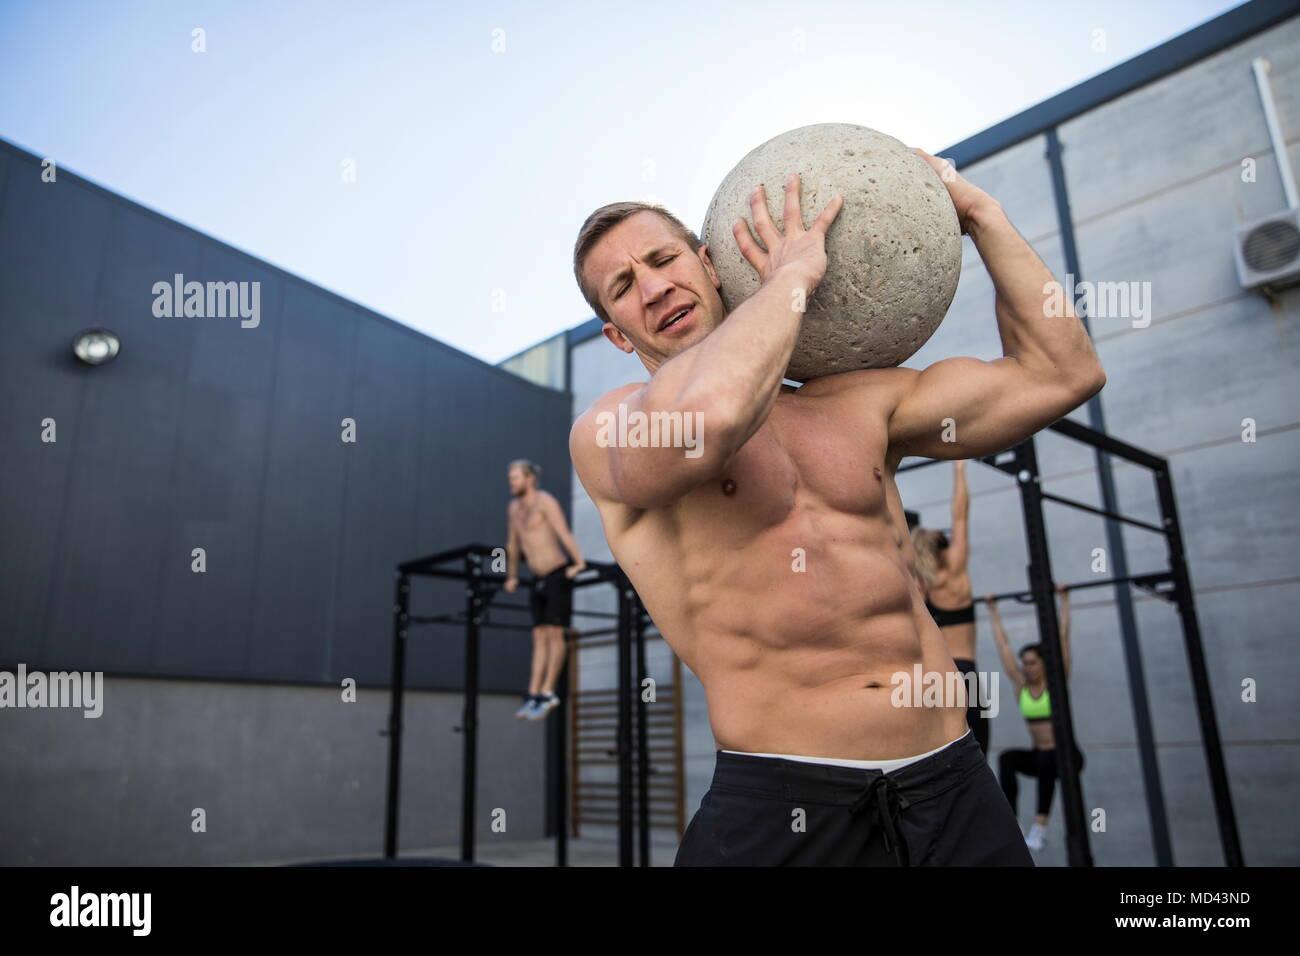 Vier Leute trainieren im Fitnessraum, Mann im Vordergrund, den Einsatz von Atlas Stein Stockbild